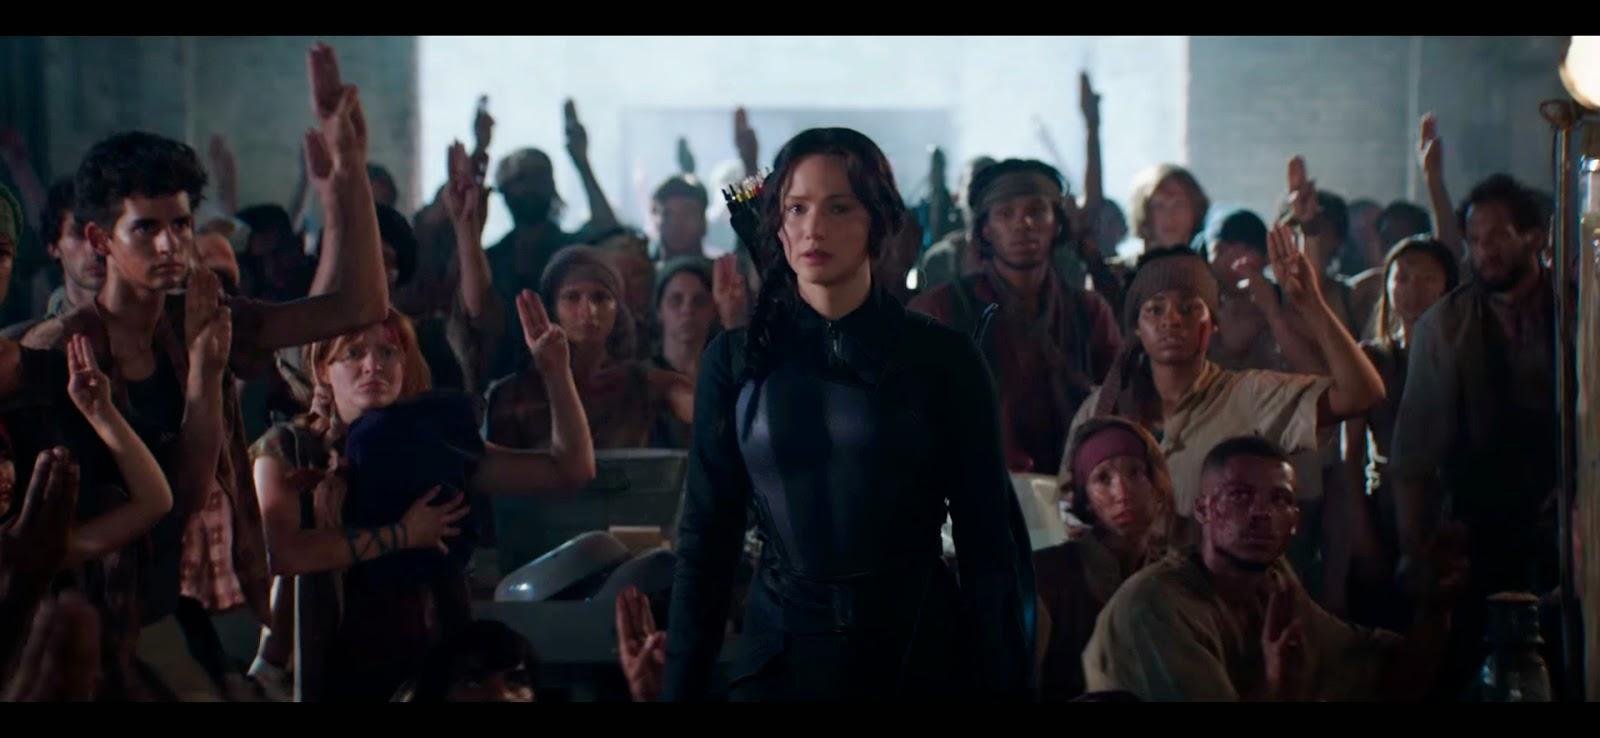 Katniss ganándose el apoyo de la gente.